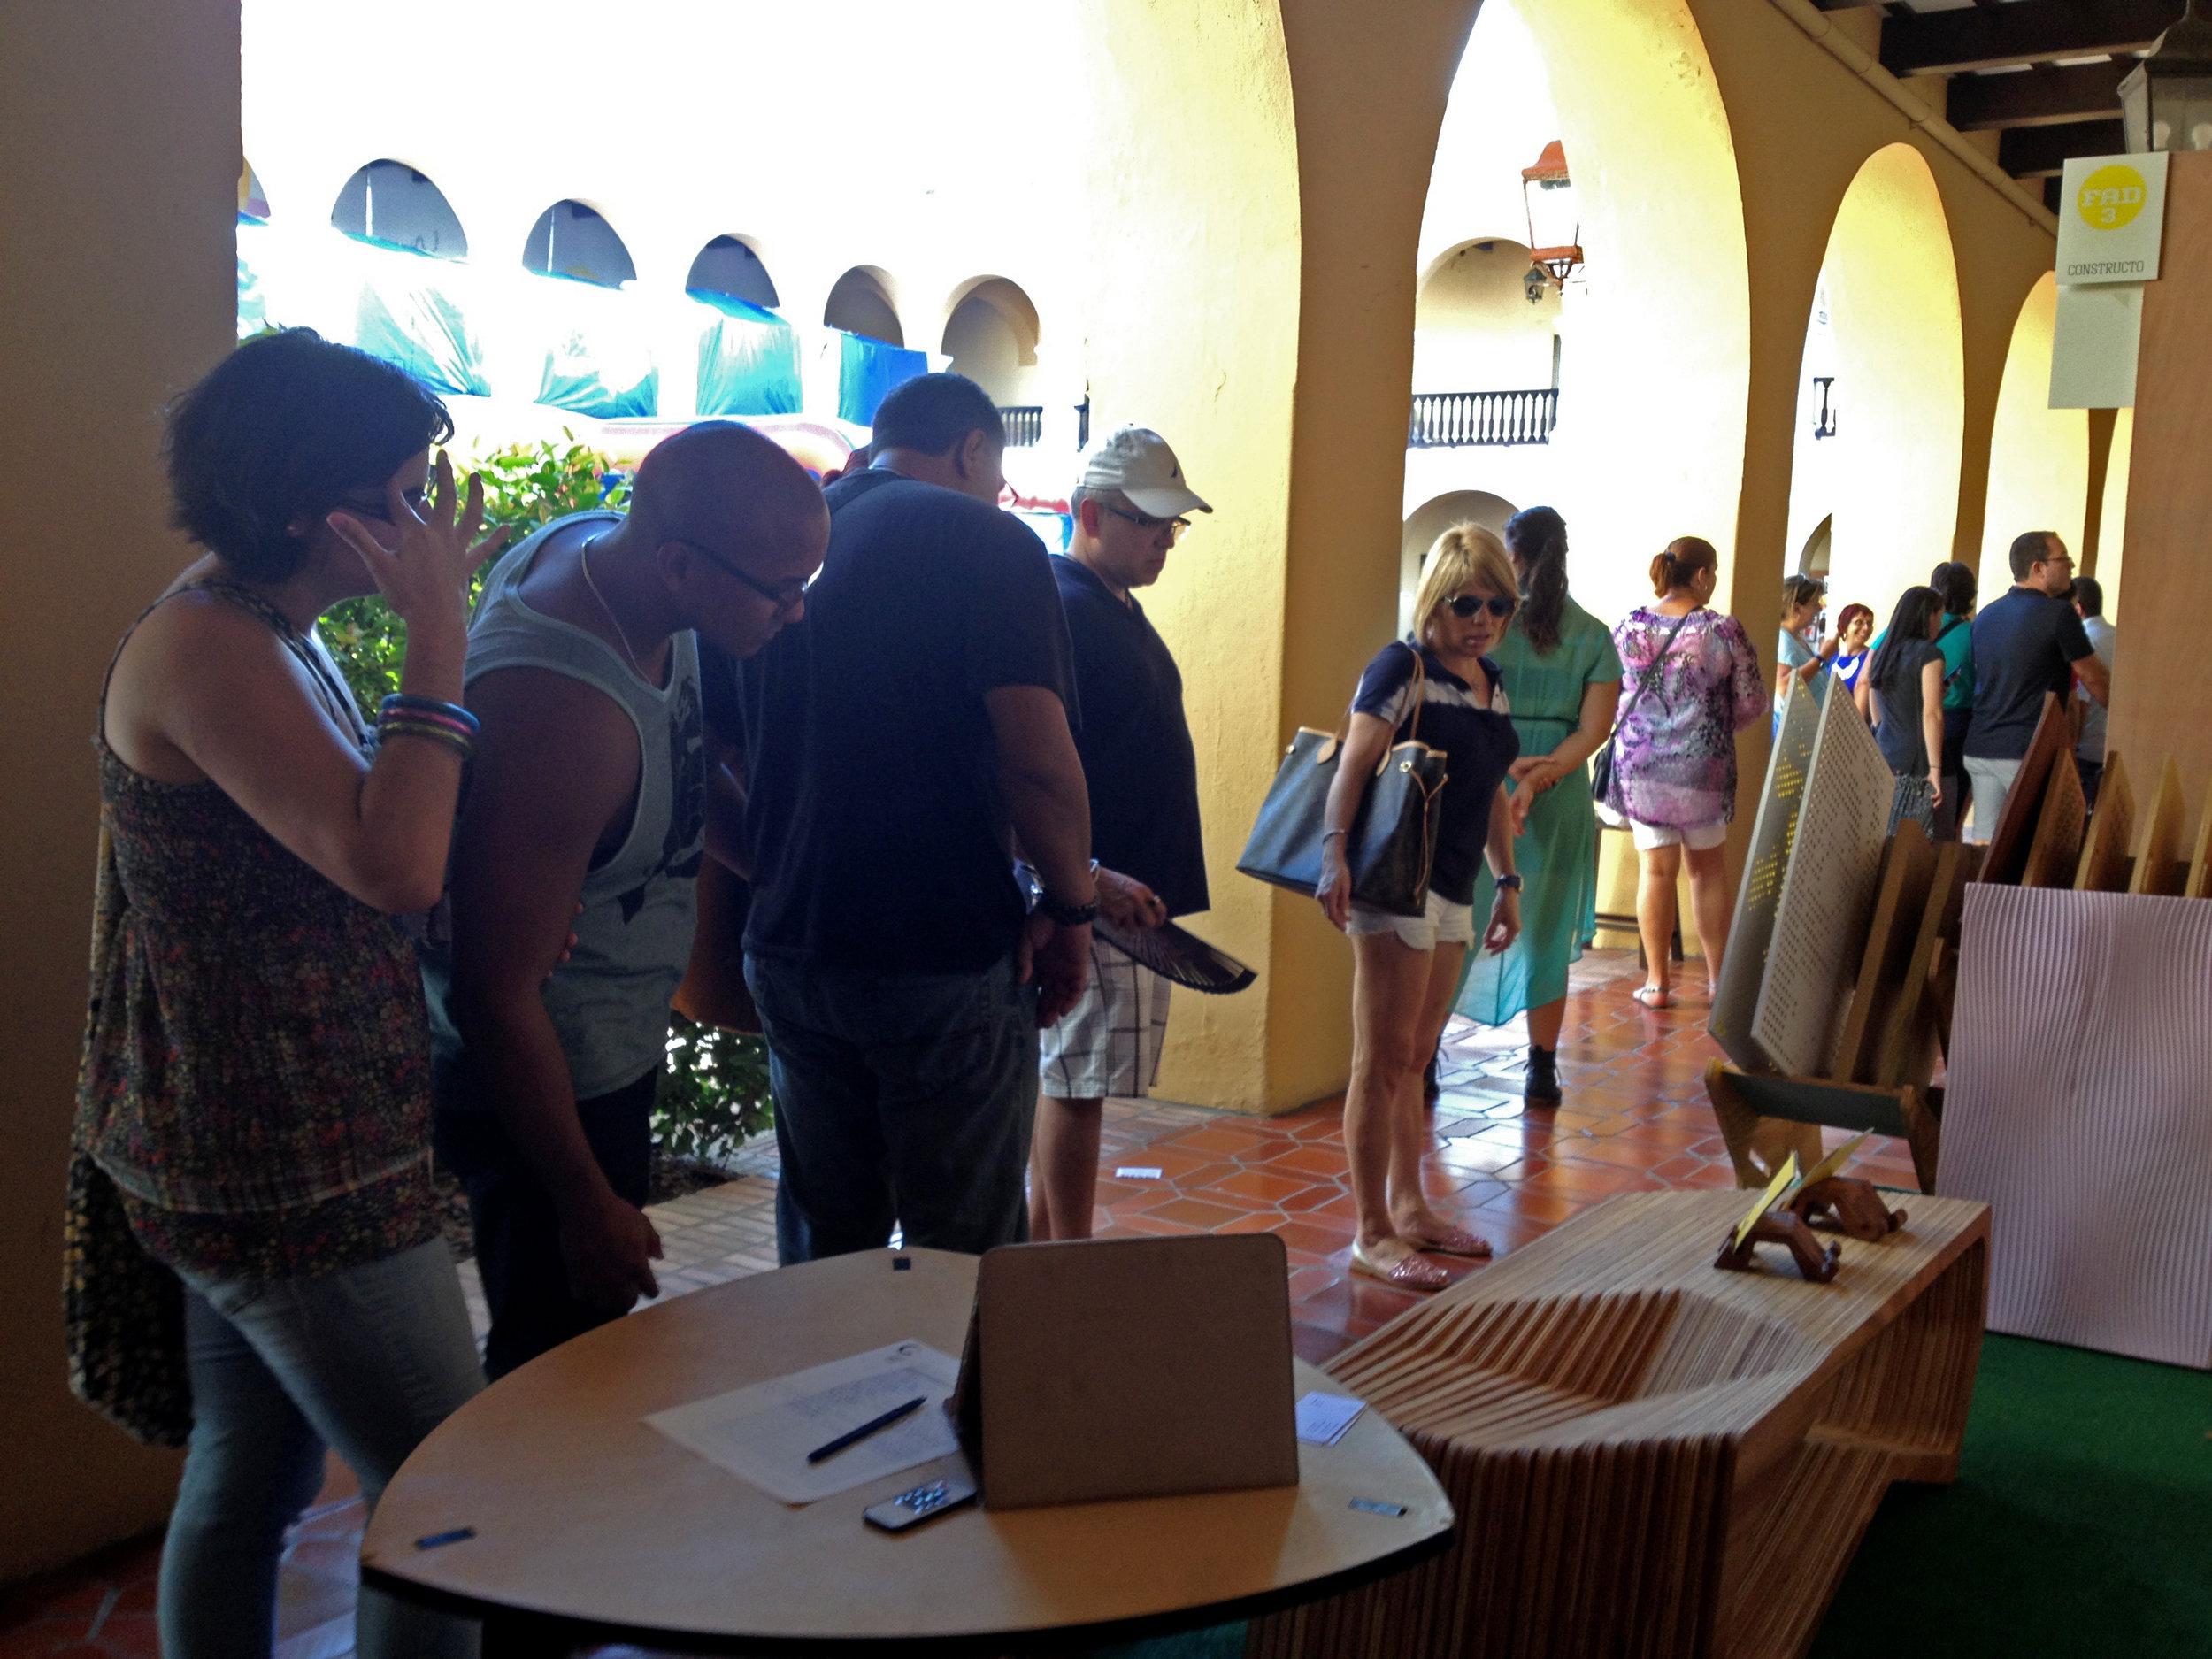 Feria de Arte y Diseño, Galería Nacional. 2013